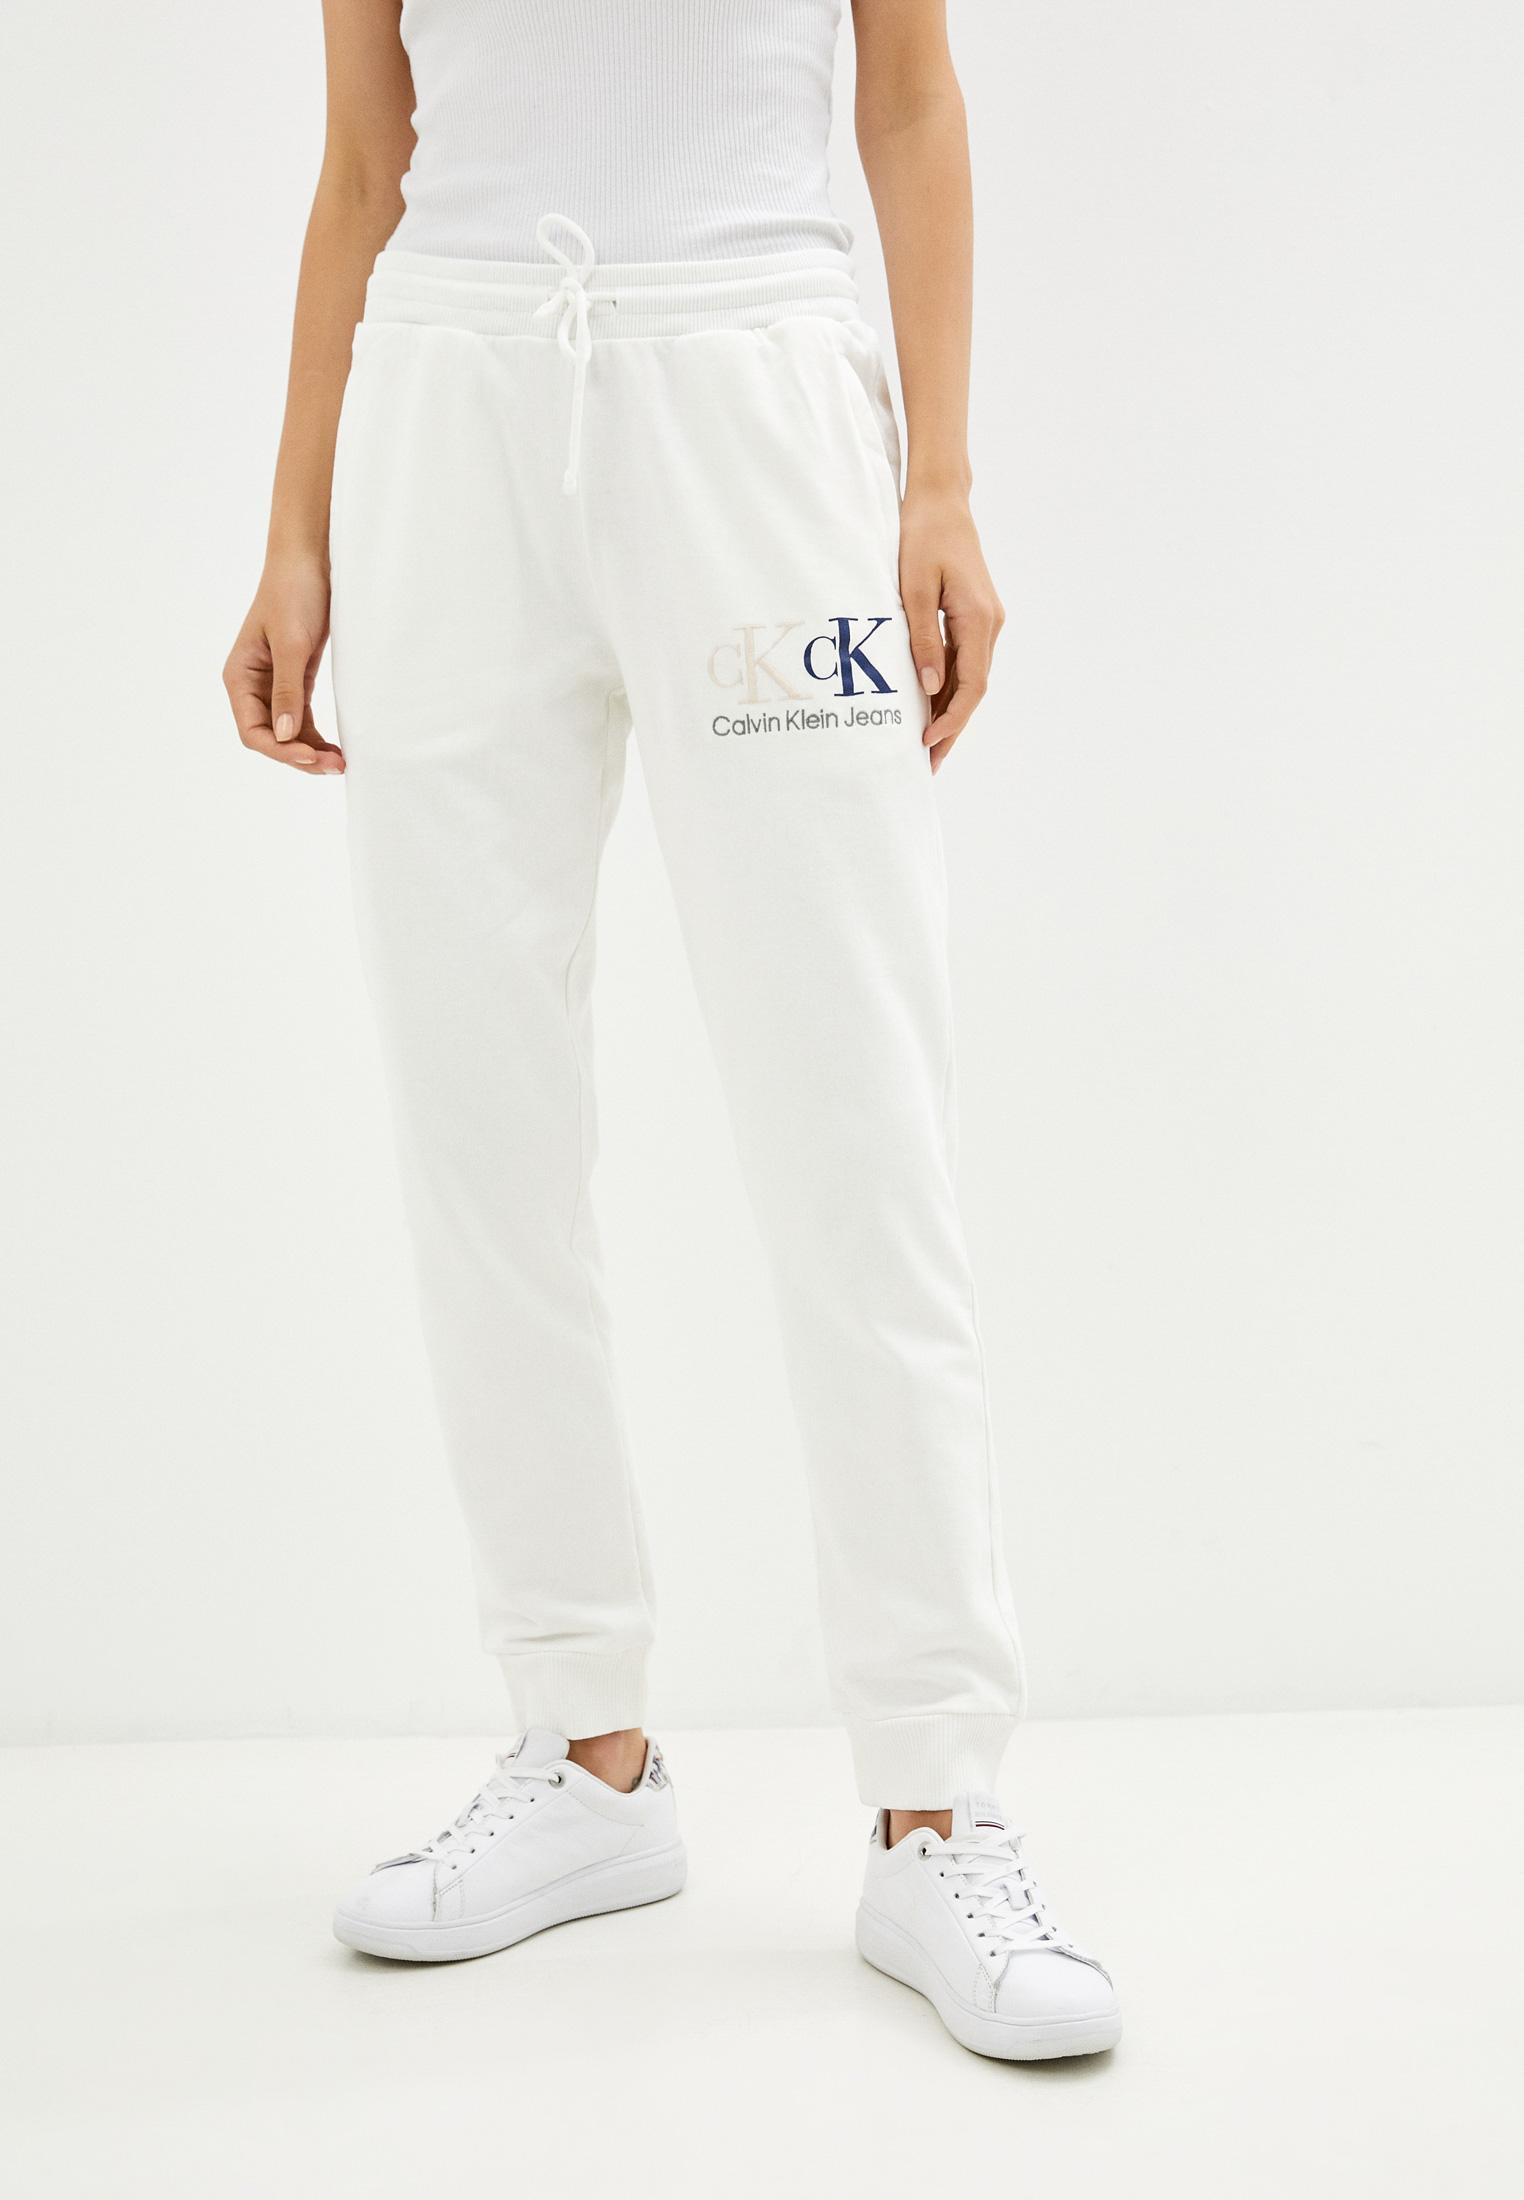 Женские спортивные брюки Calvin Klein Jeans Брюки спортивные Calvin Klein Jeans